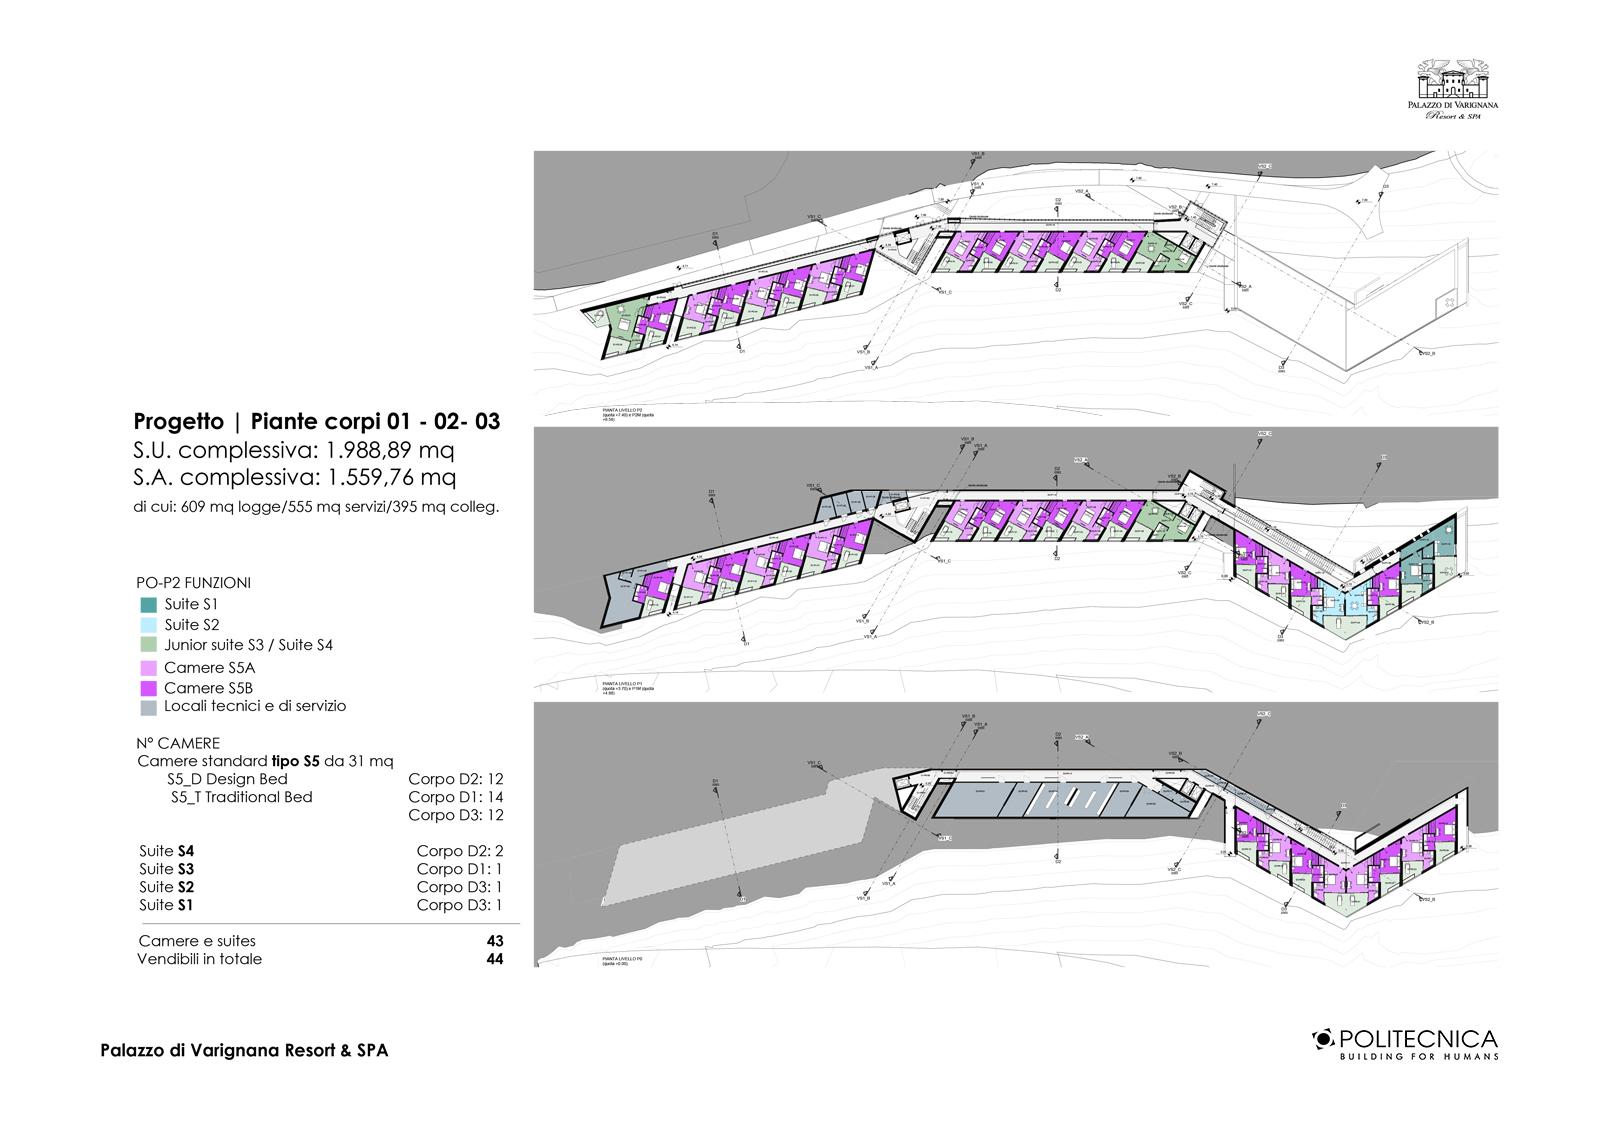 TAVOLA PROGETTO_Piante corpi 01-02-03 Politecnica Ingegneria e Architettura}